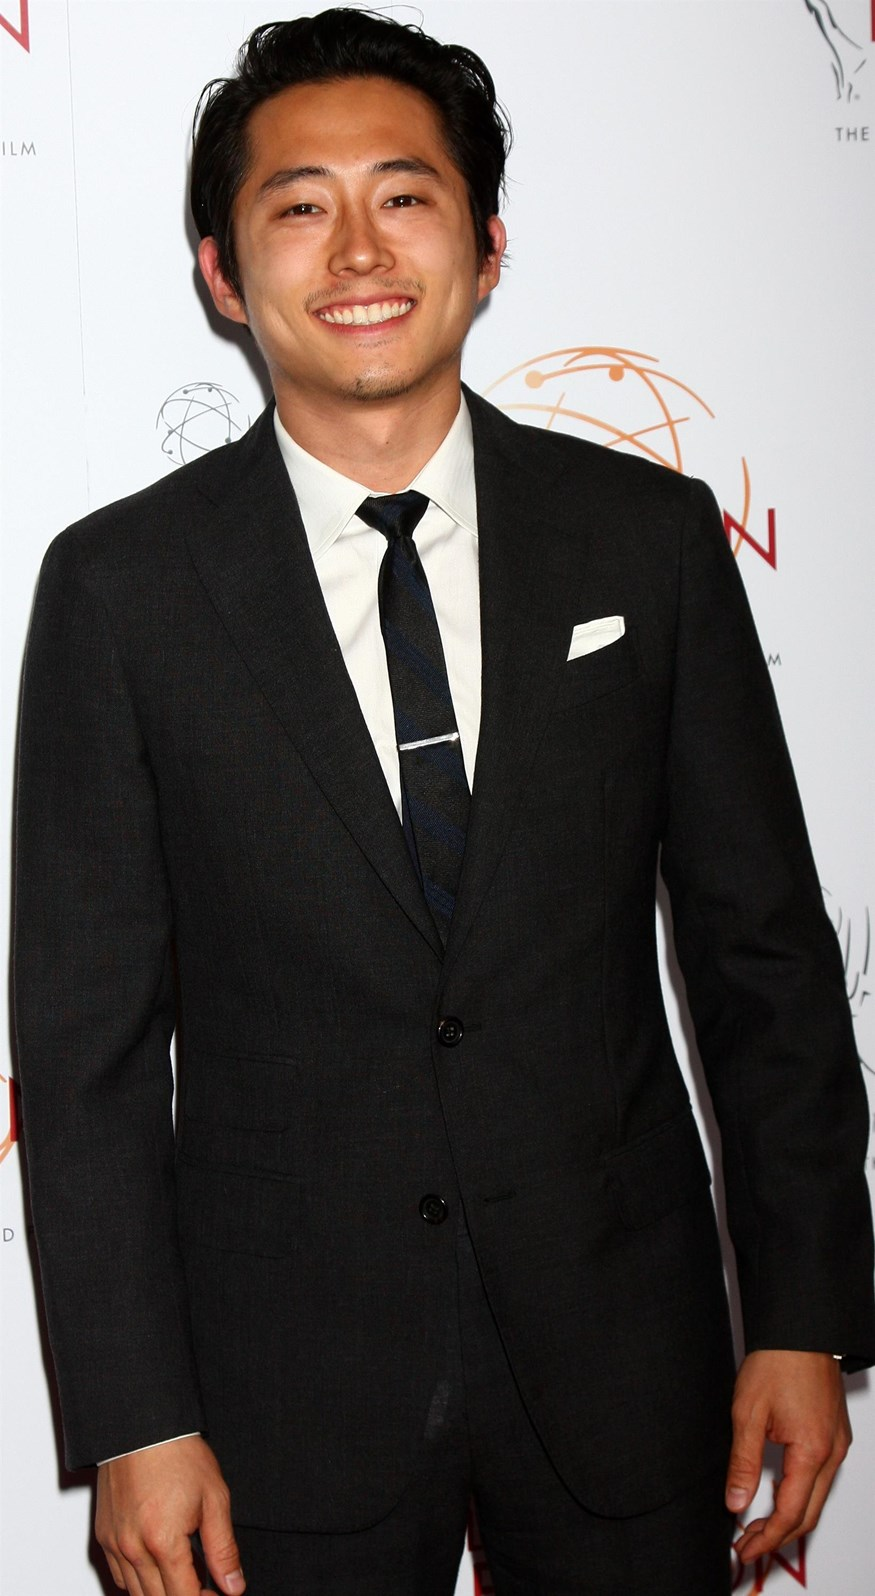 O πασίγνωστός ηθοποιός θα αποκτήσει δίδυμα και το ανακοίνωσε μέσω Instagram